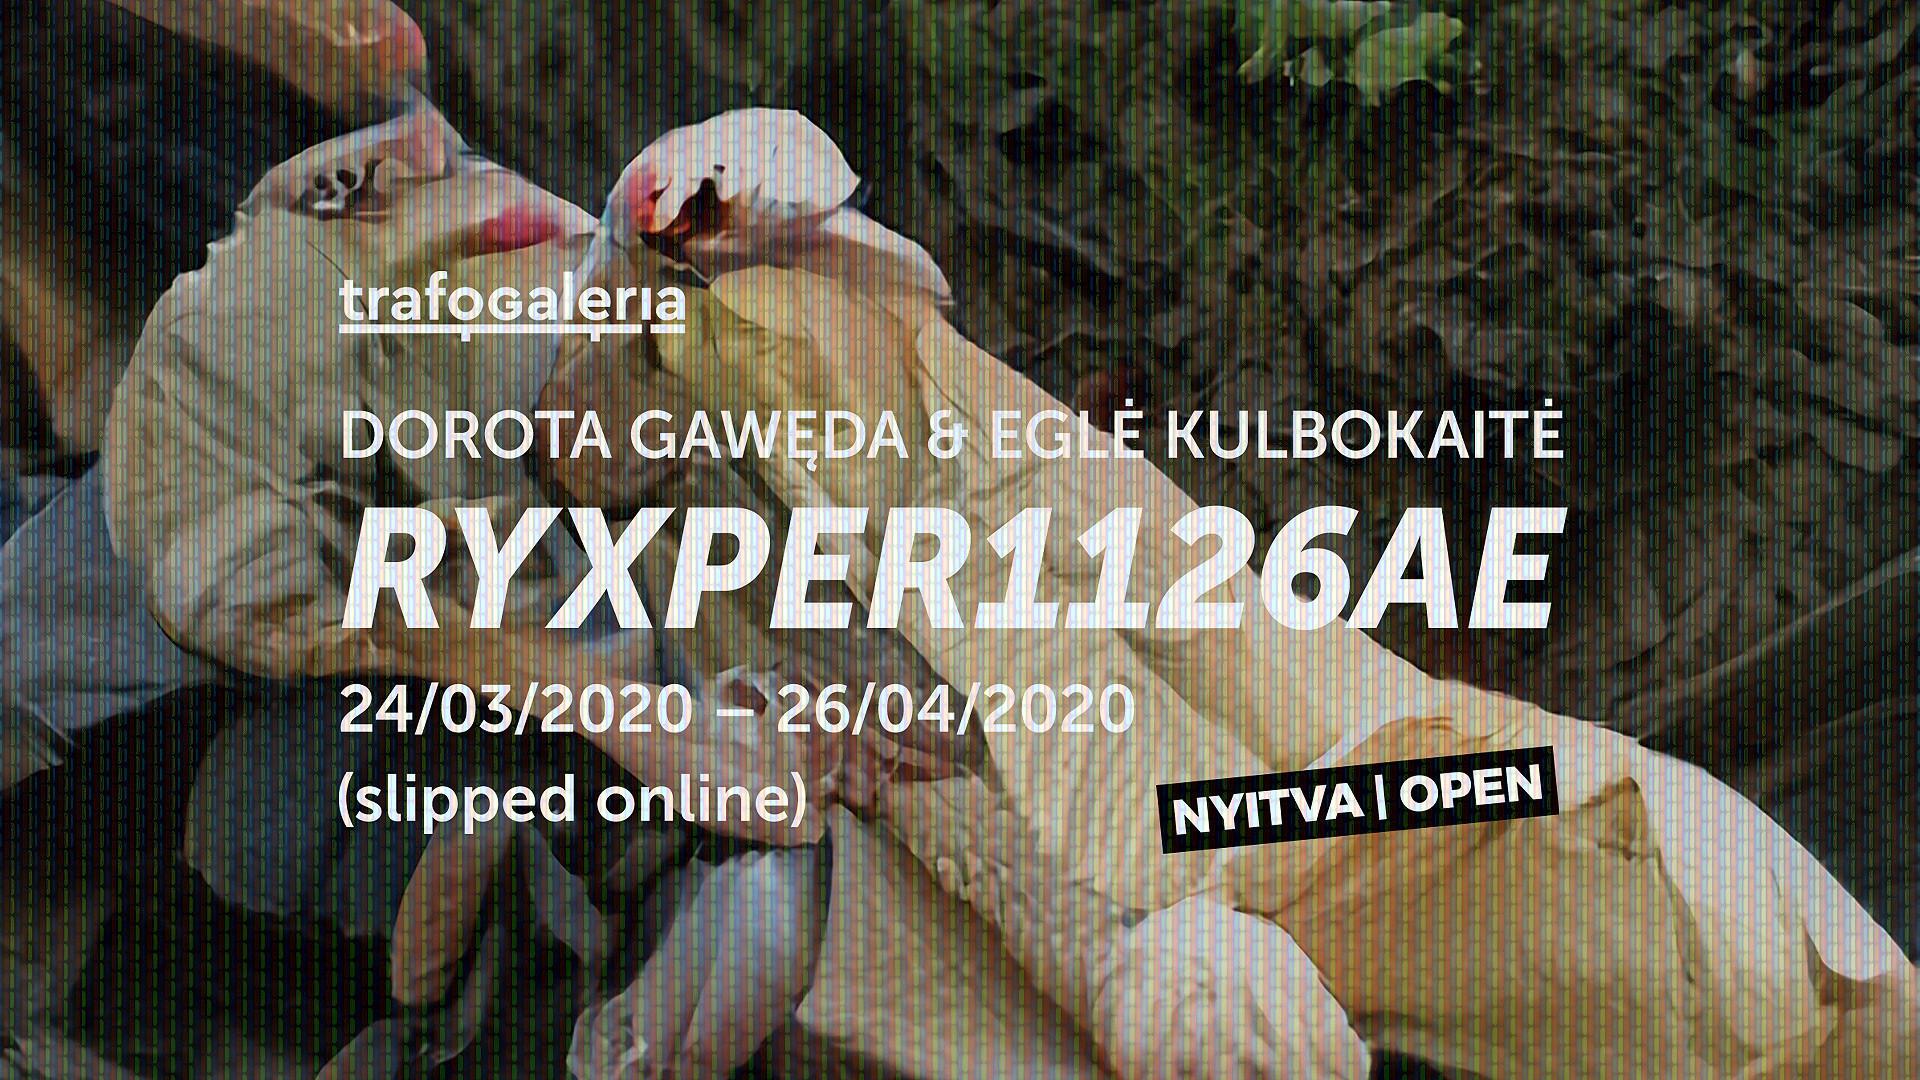 Dorota Gawęda & Eglė Kulbokaitė: RYXPER1126AE